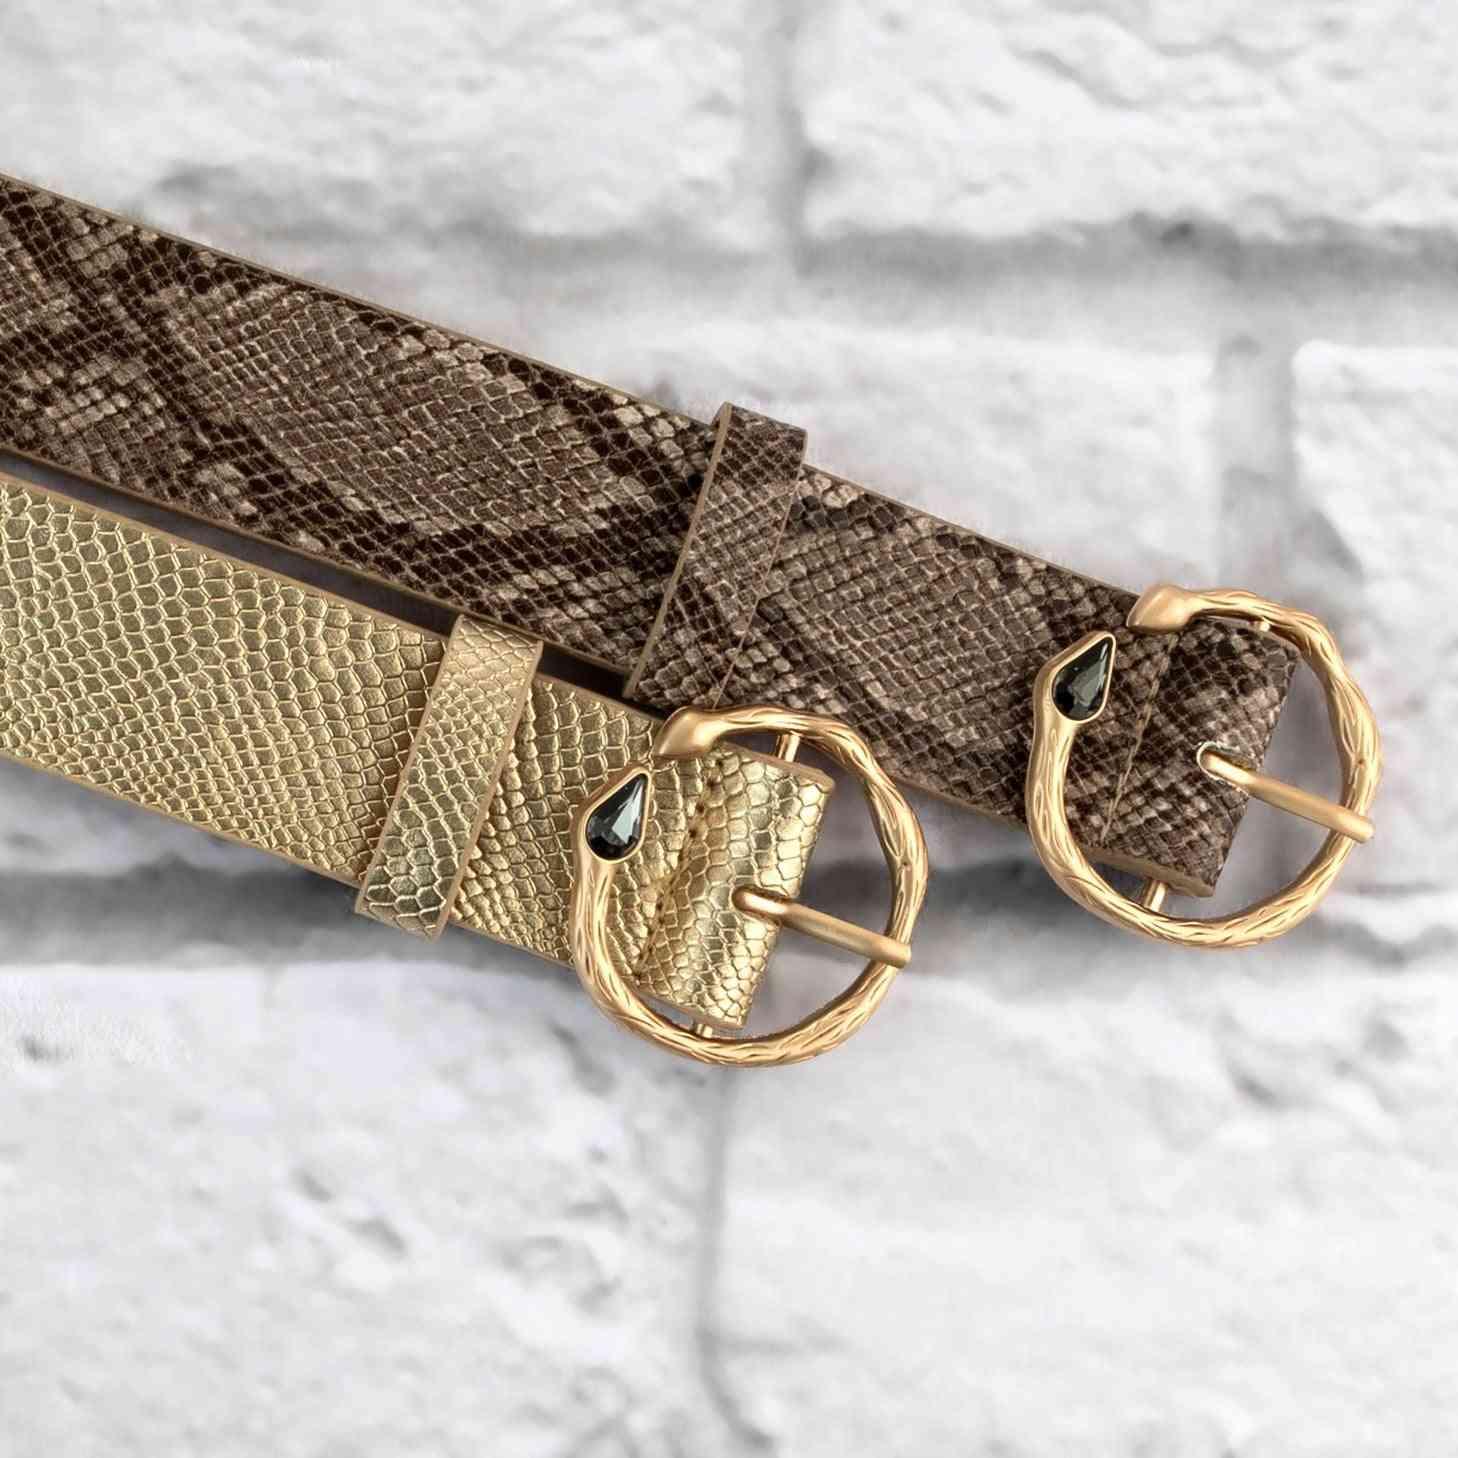 Diamond Snake Skin Belt